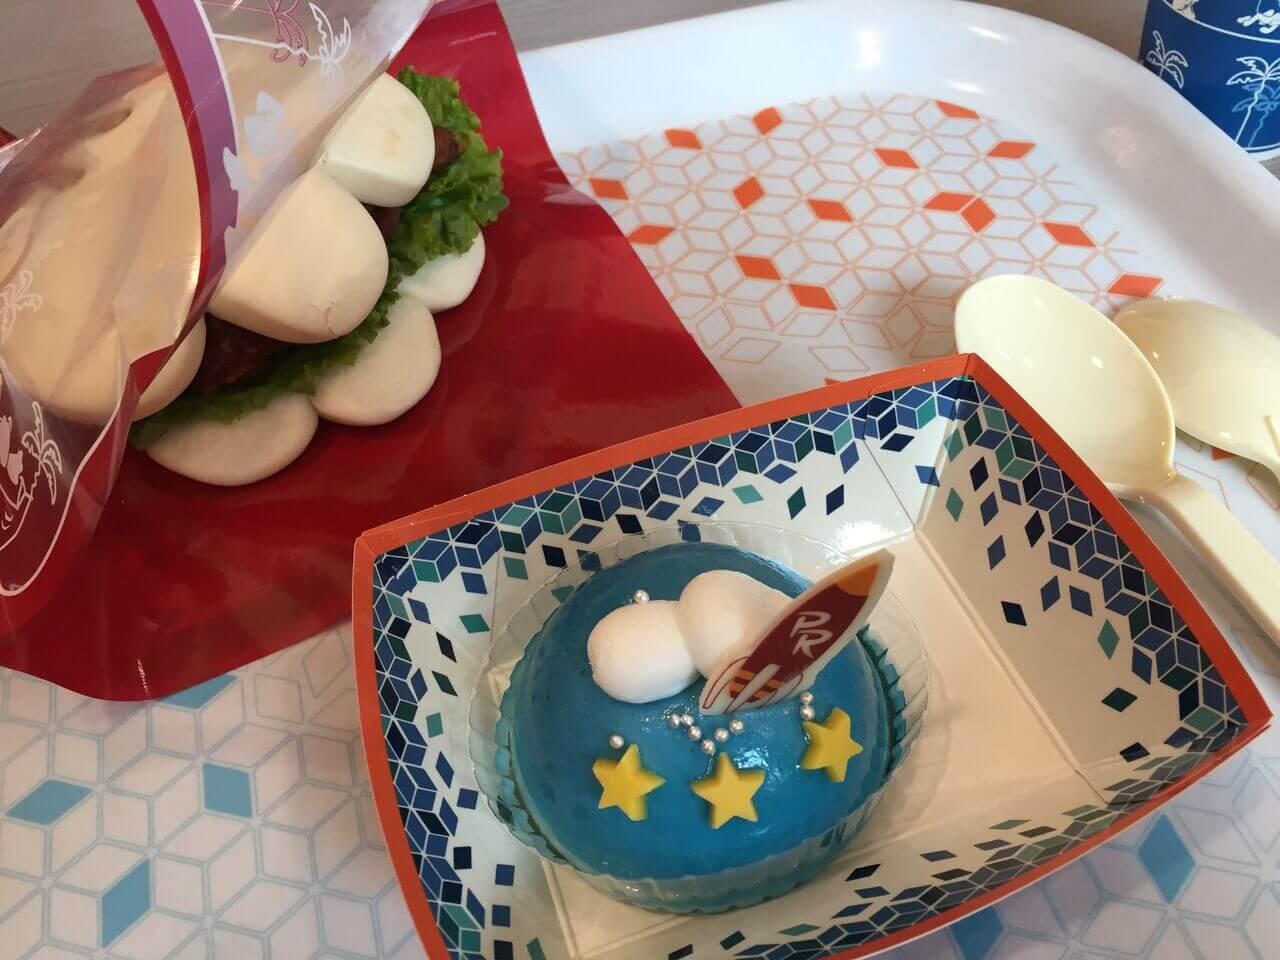 プラズマ・レイズ・ダイナーの「グローブシェイプ・チキンパオ」「ヨーグルトムースケーキ」で休憩